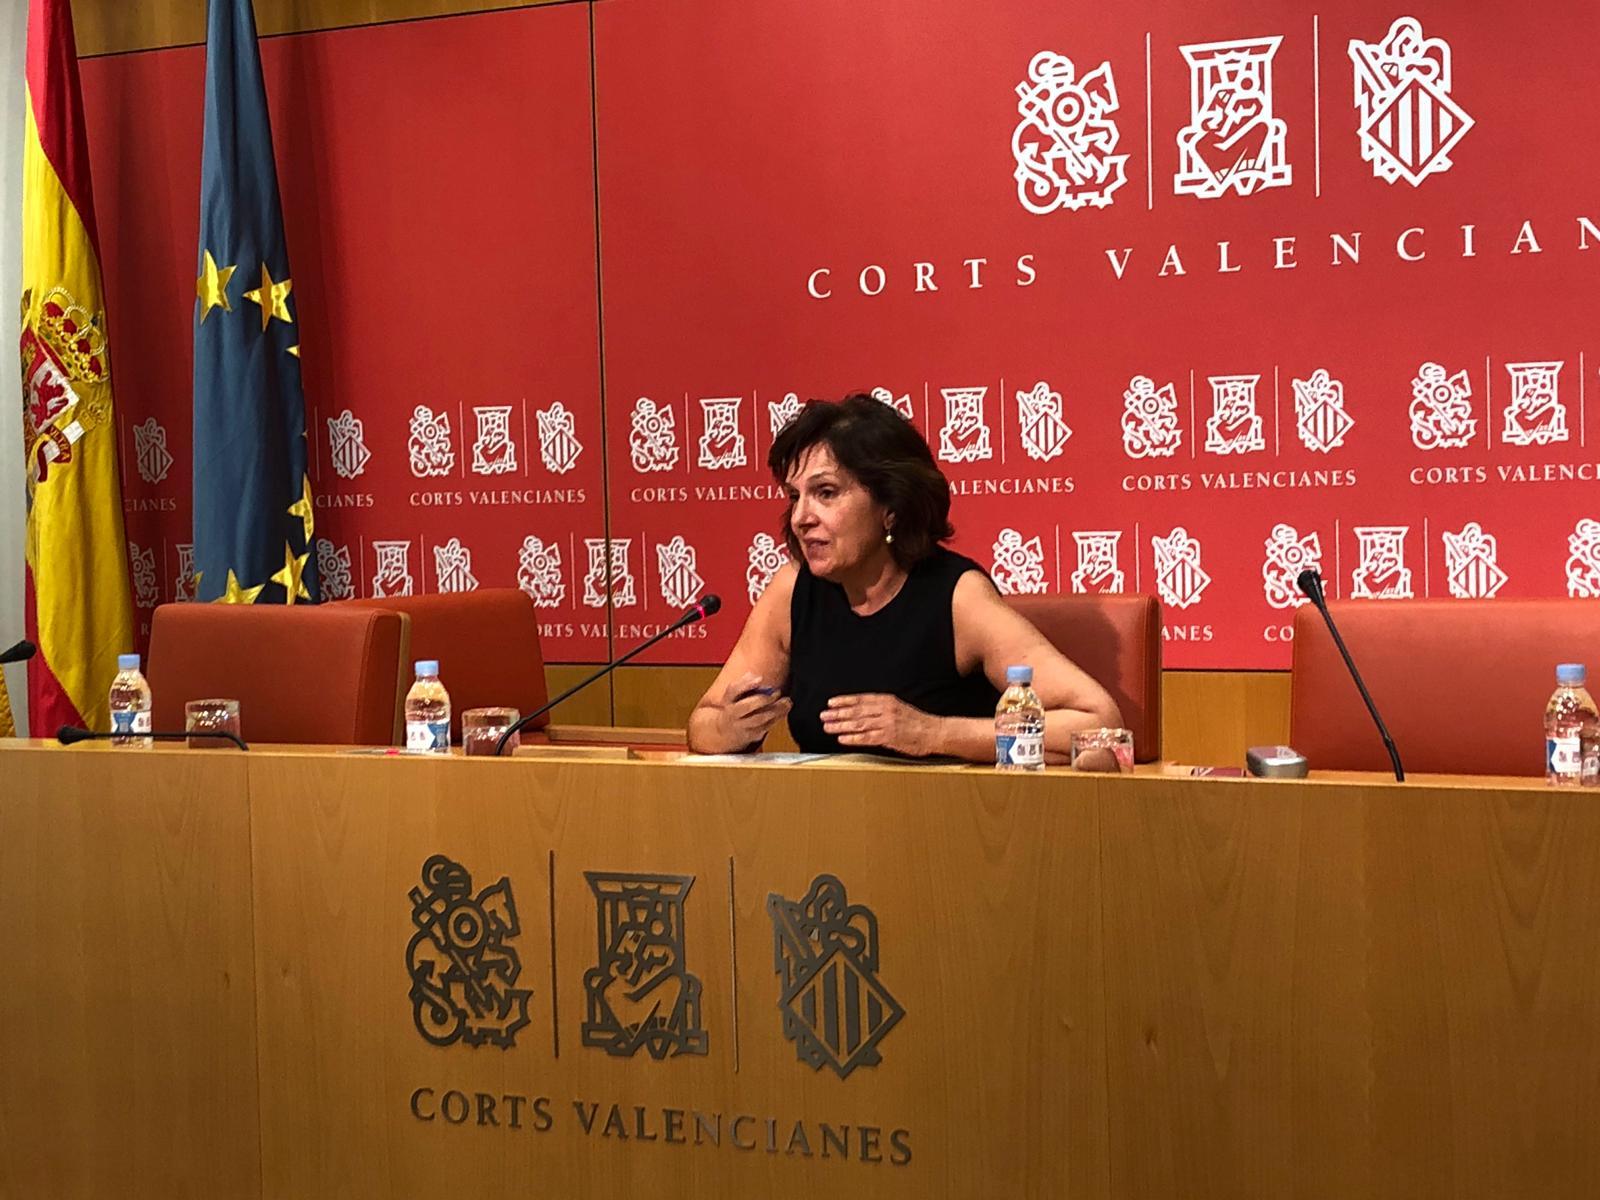 El PSPV-PSOE pide potenciar la telemedicina y flexibilizar los trámites burocráticos para agilizar la Atención Primaria